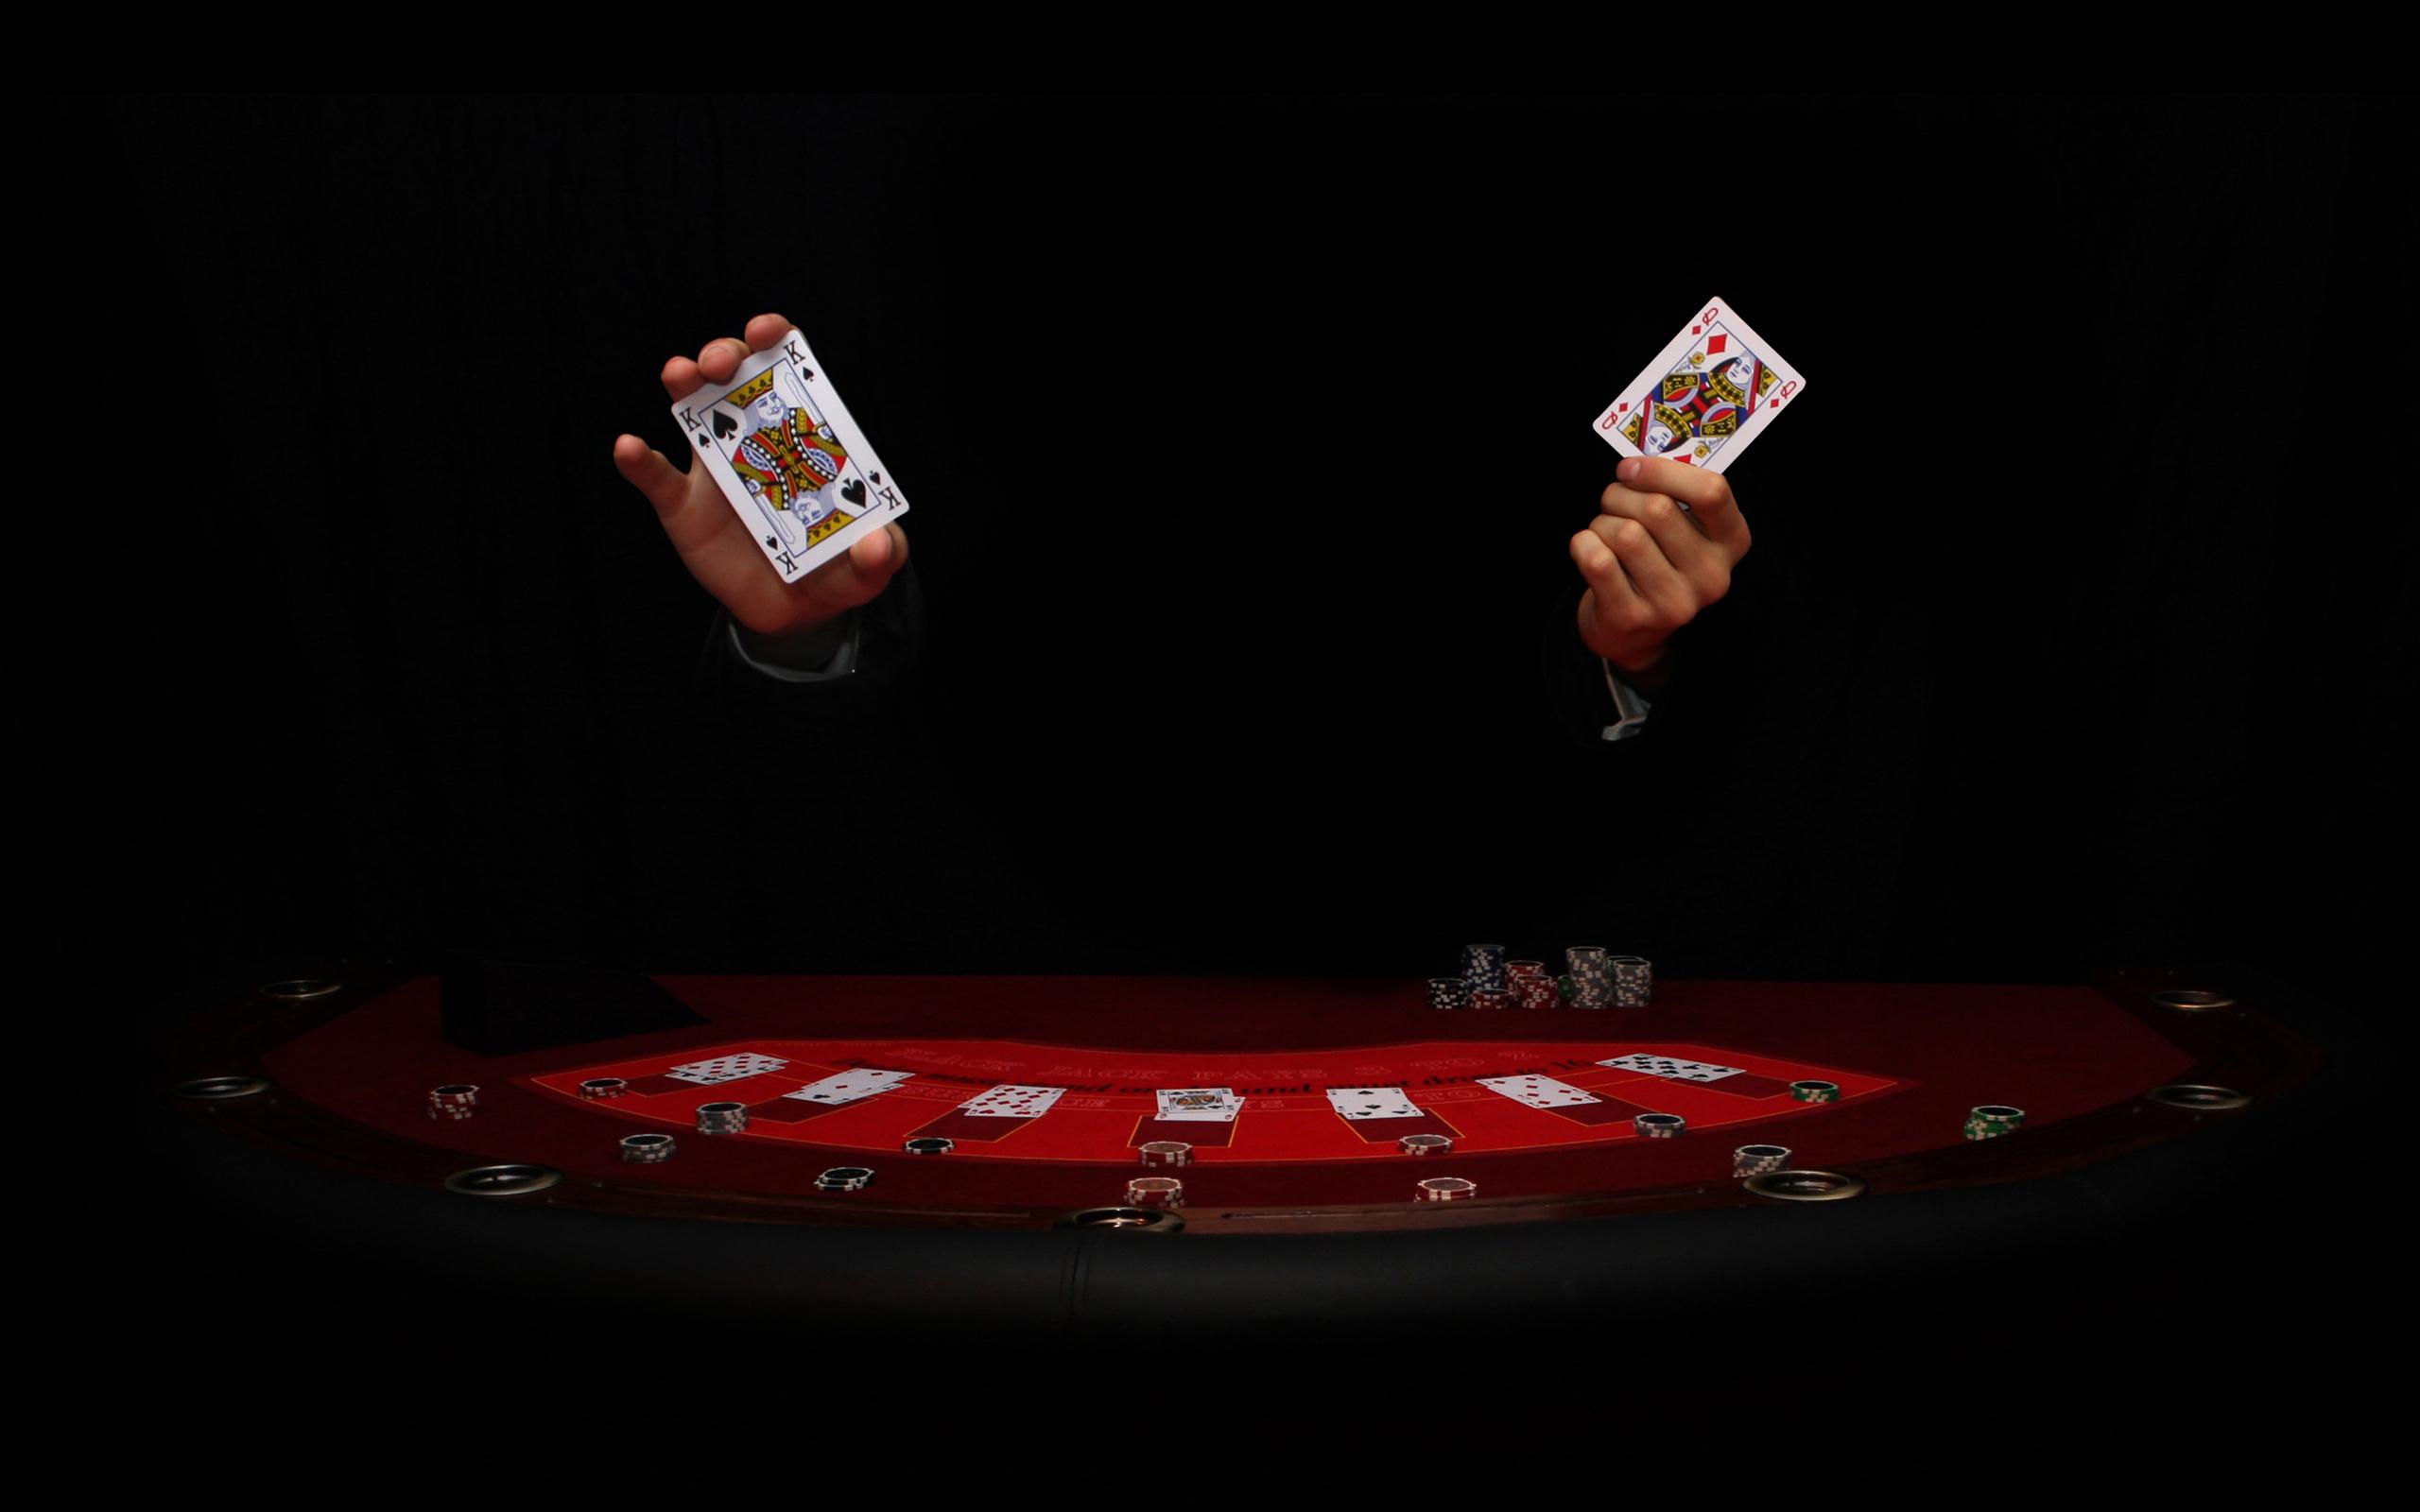 бесплатные клипы на онлайн казино